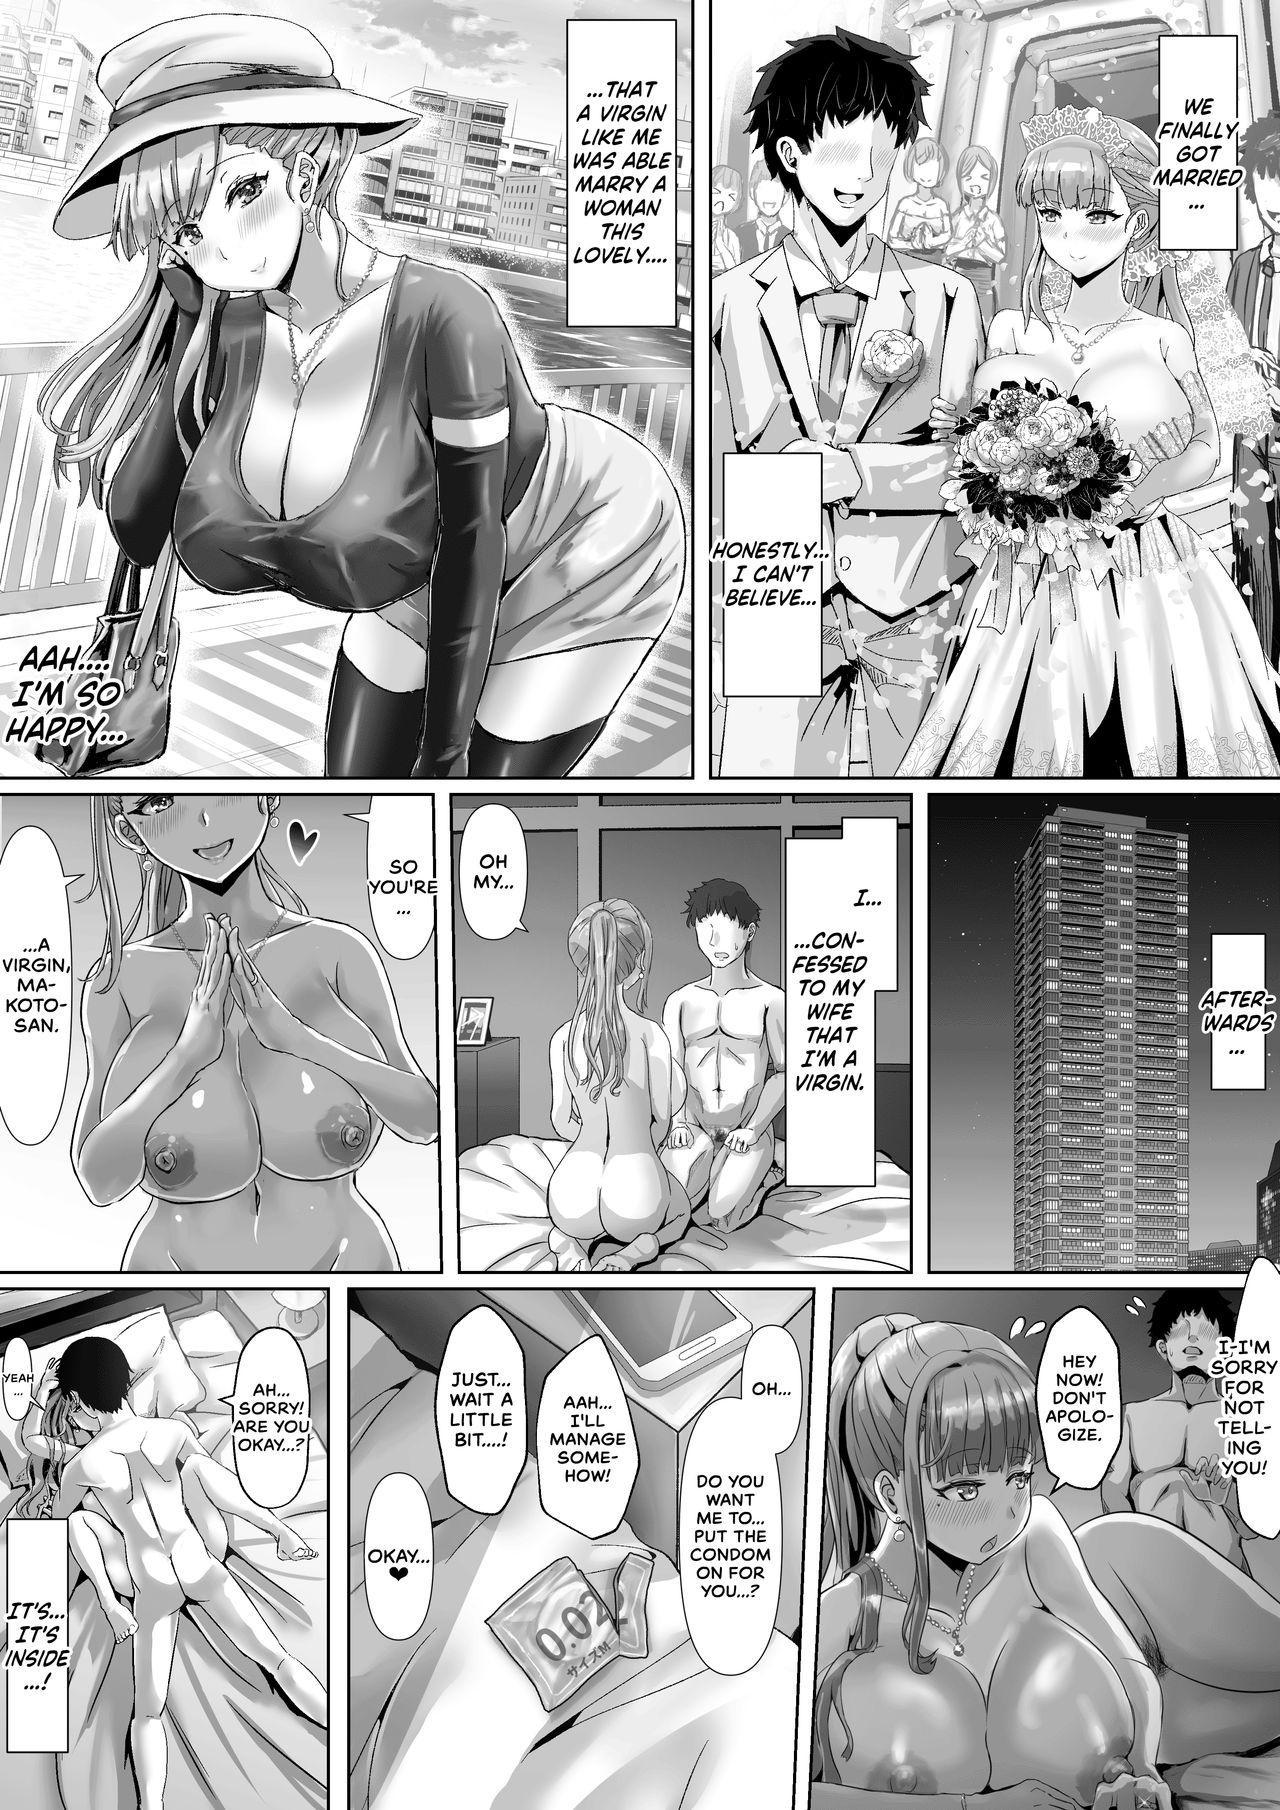 Tsuma ga Midareta Sugata o Boku wa Shiranai   I've Never Seen My Wife Dishevelled 4